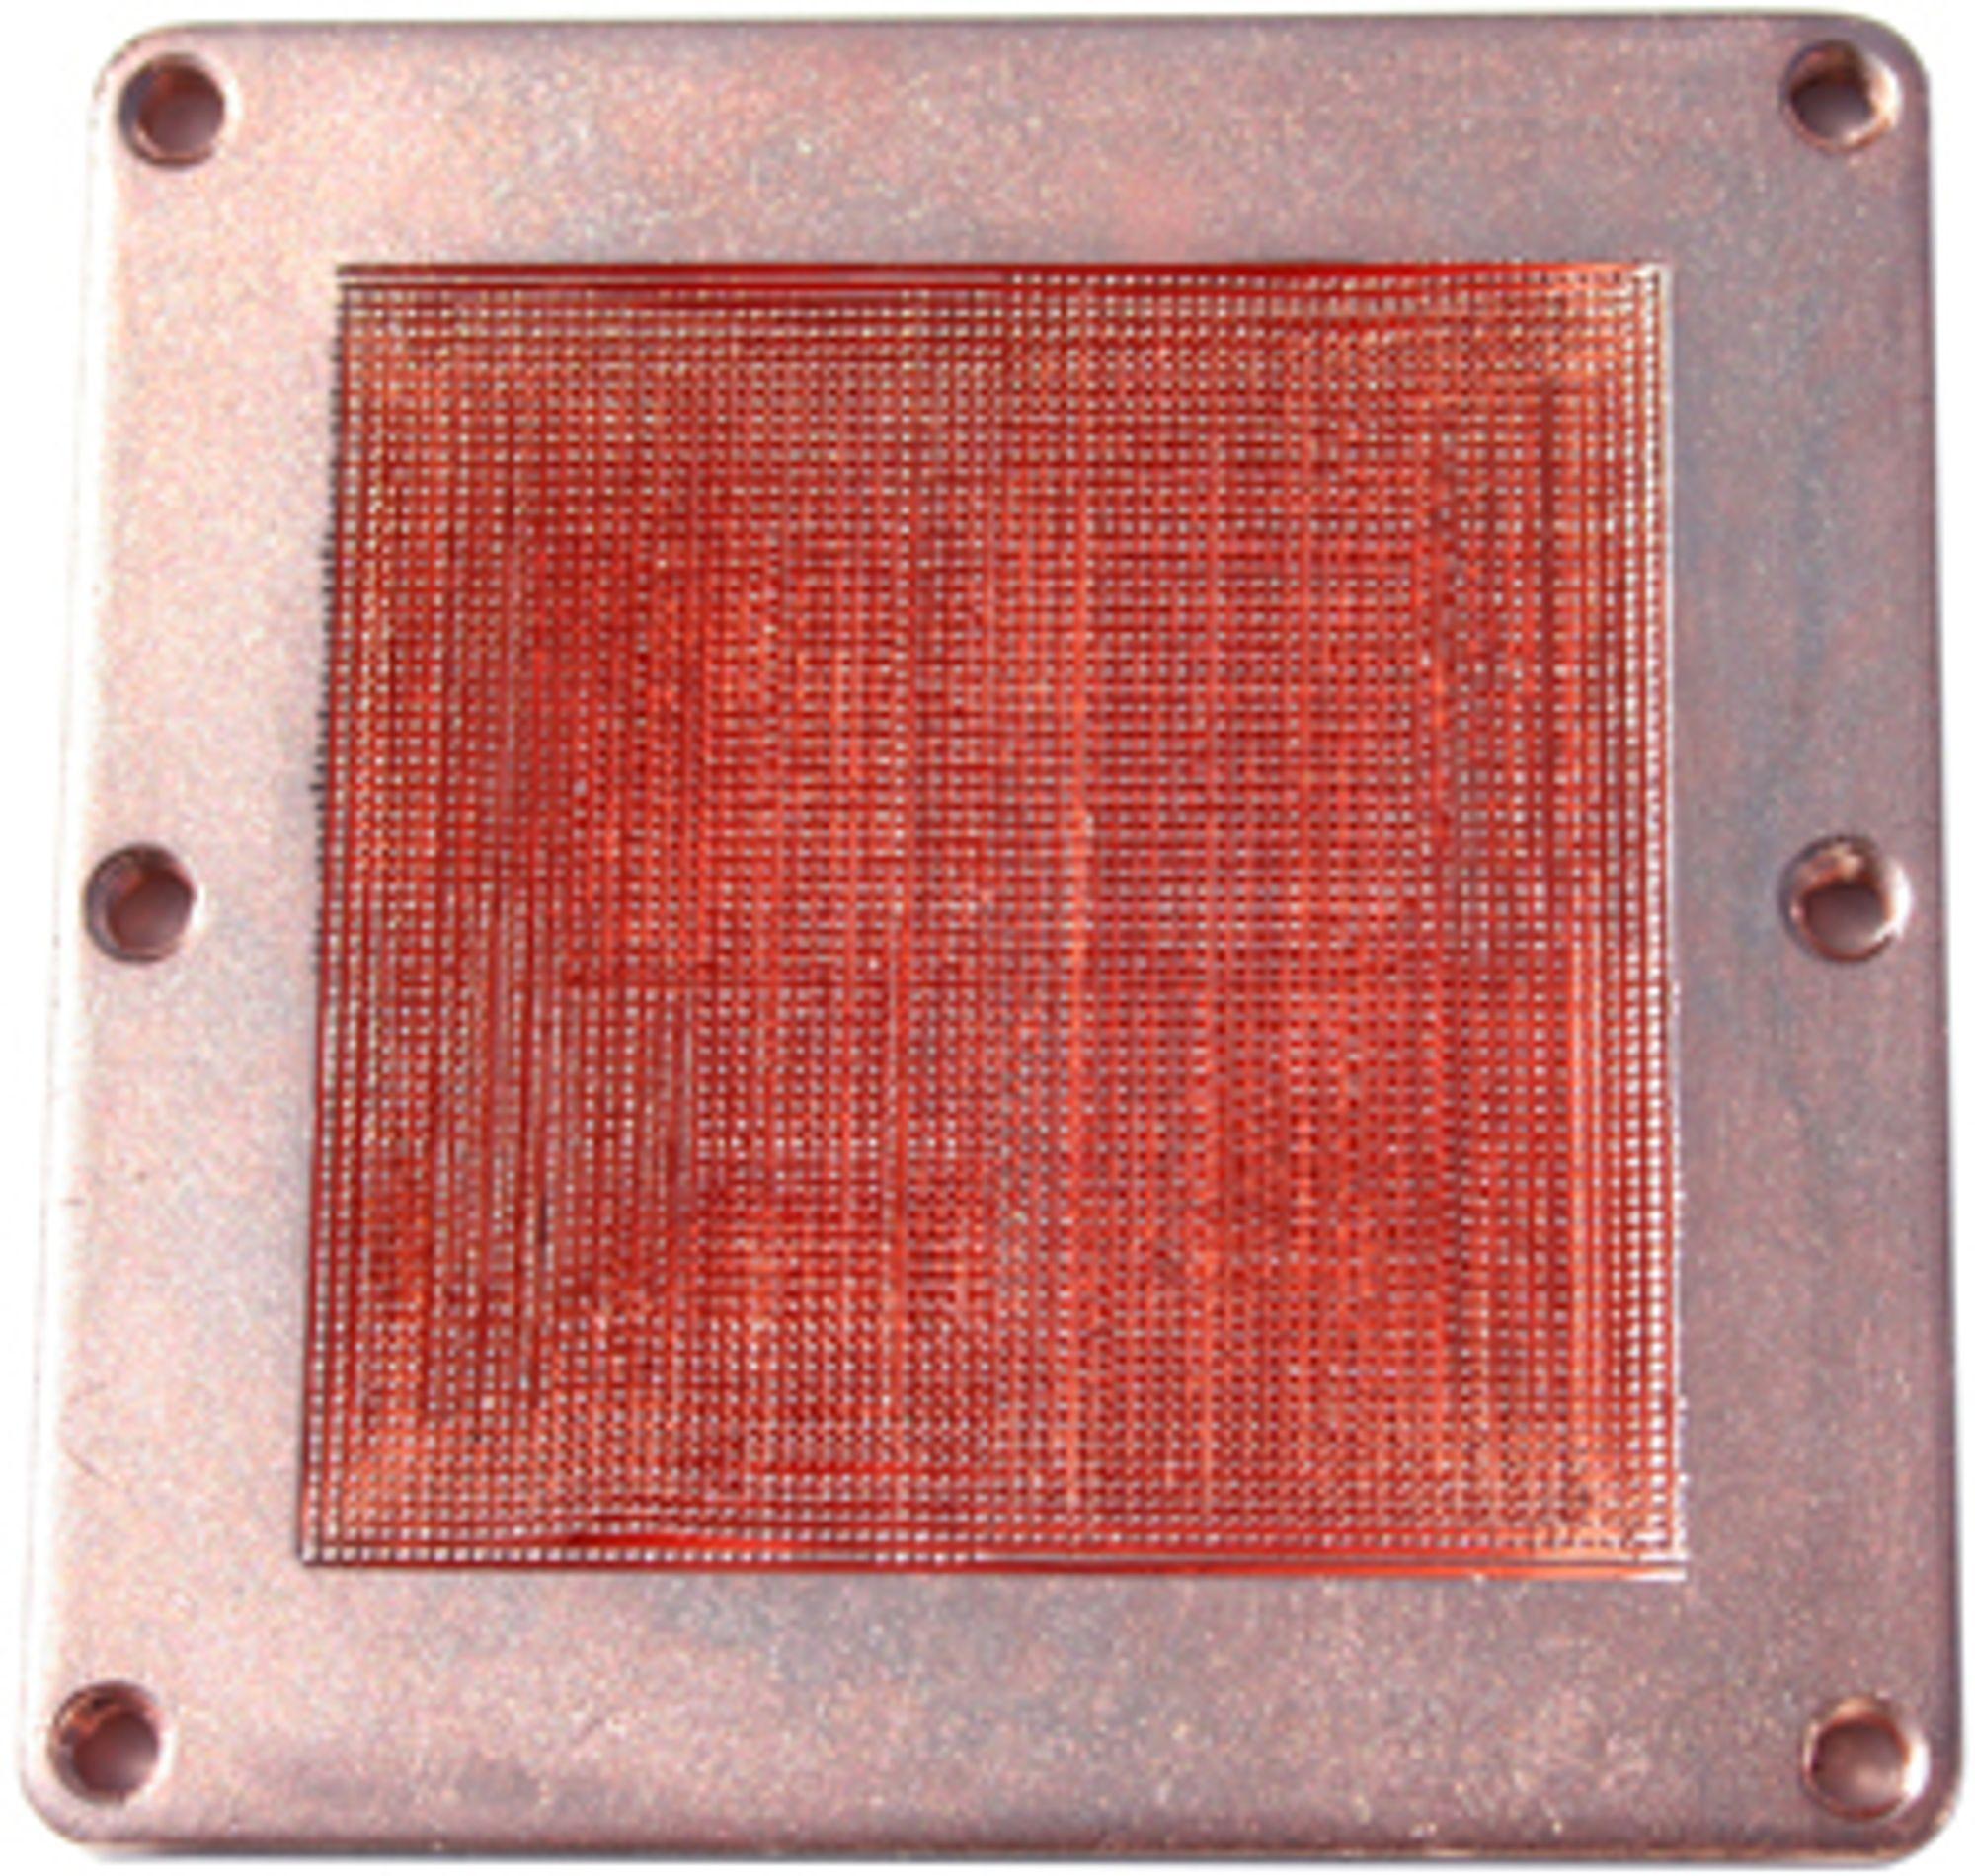 Relativt finmasket – 225 µm / 0,22 mm